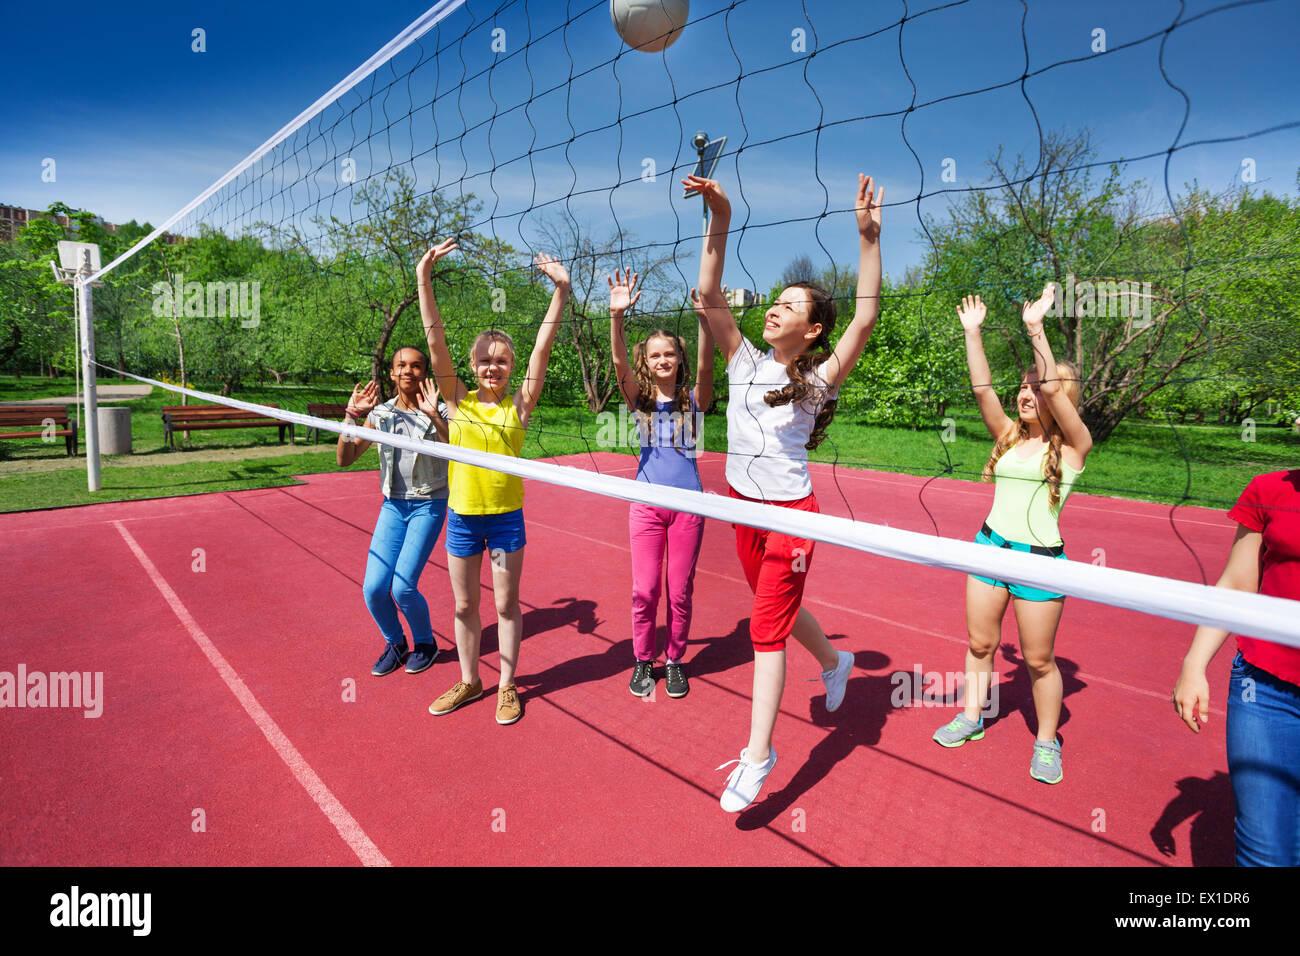 Volleyball Spiel Ansicht mit Jugendlichen spielen Stockbild